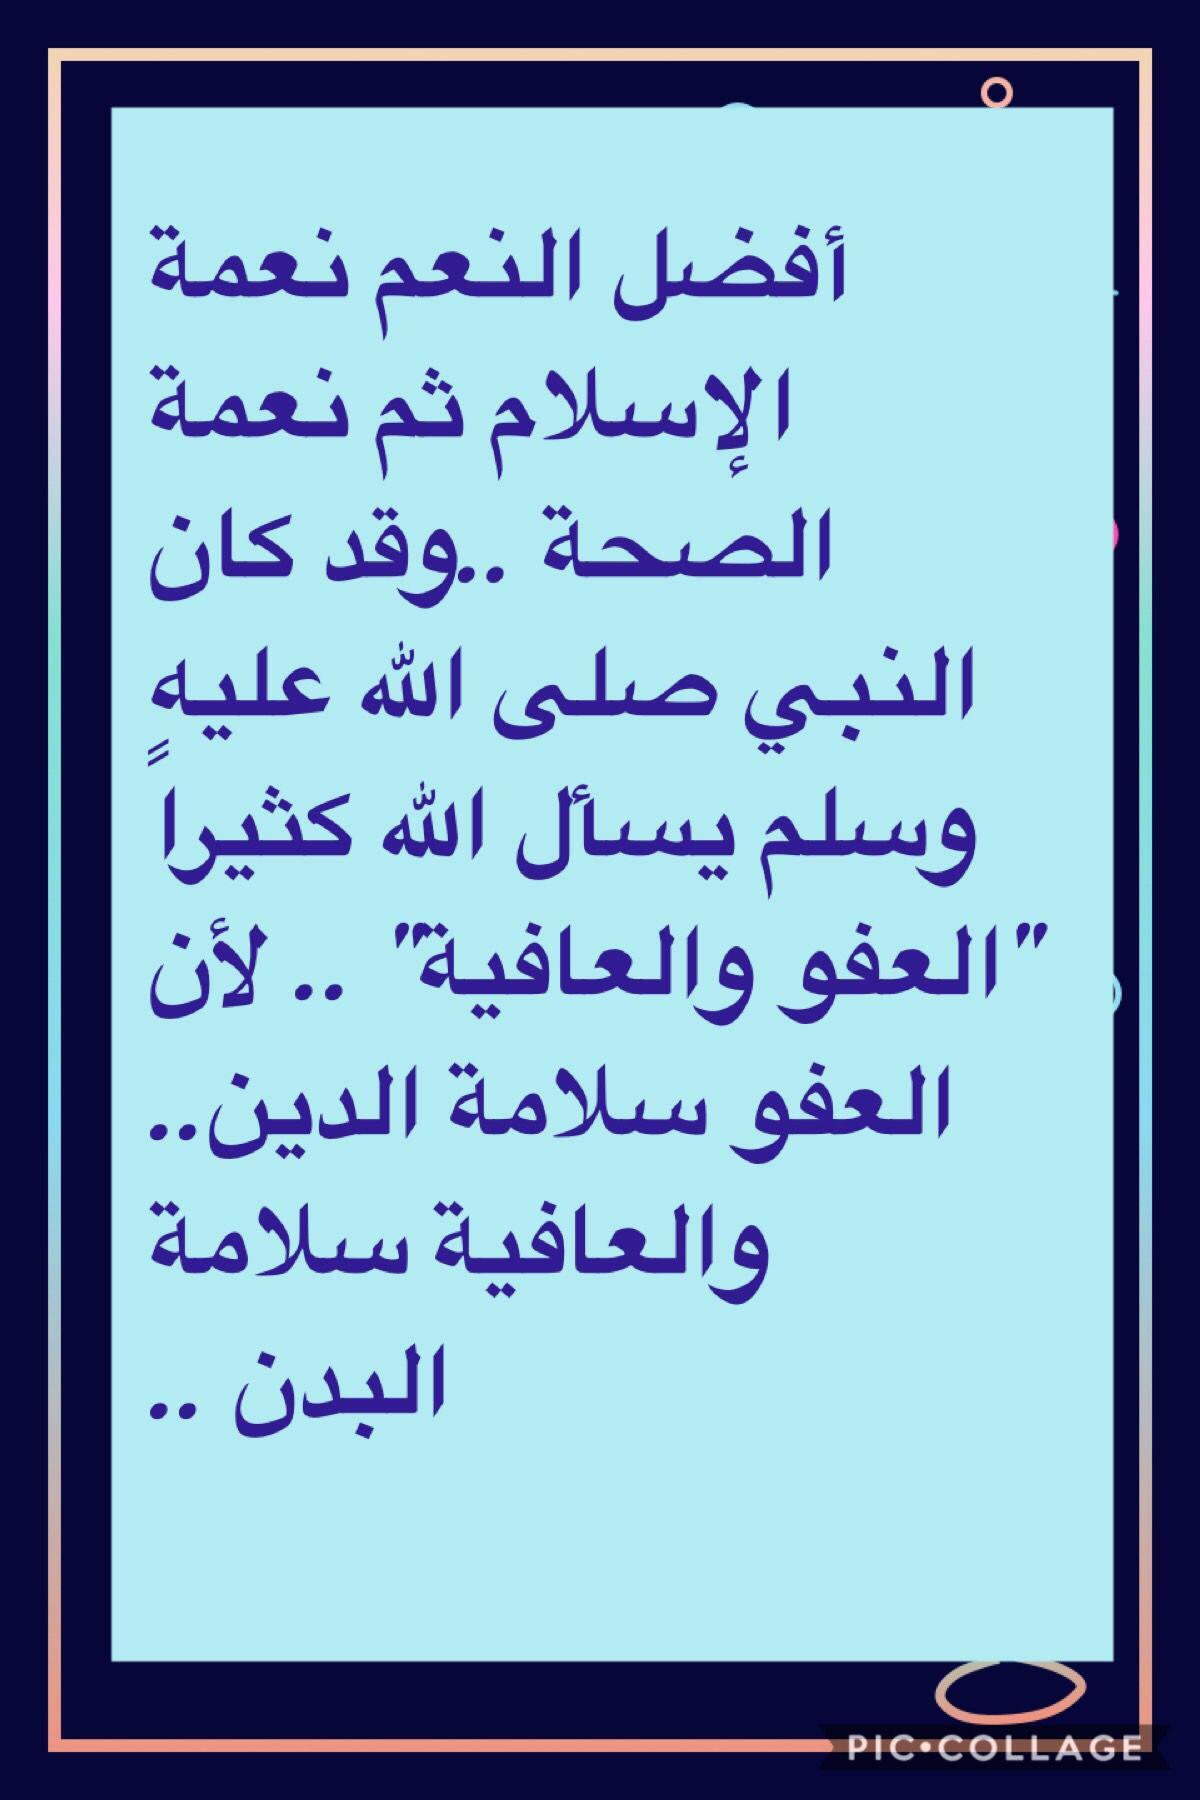 اللهم اعزنا بالاسلام واعز الاسلام بنا Math Math Equations